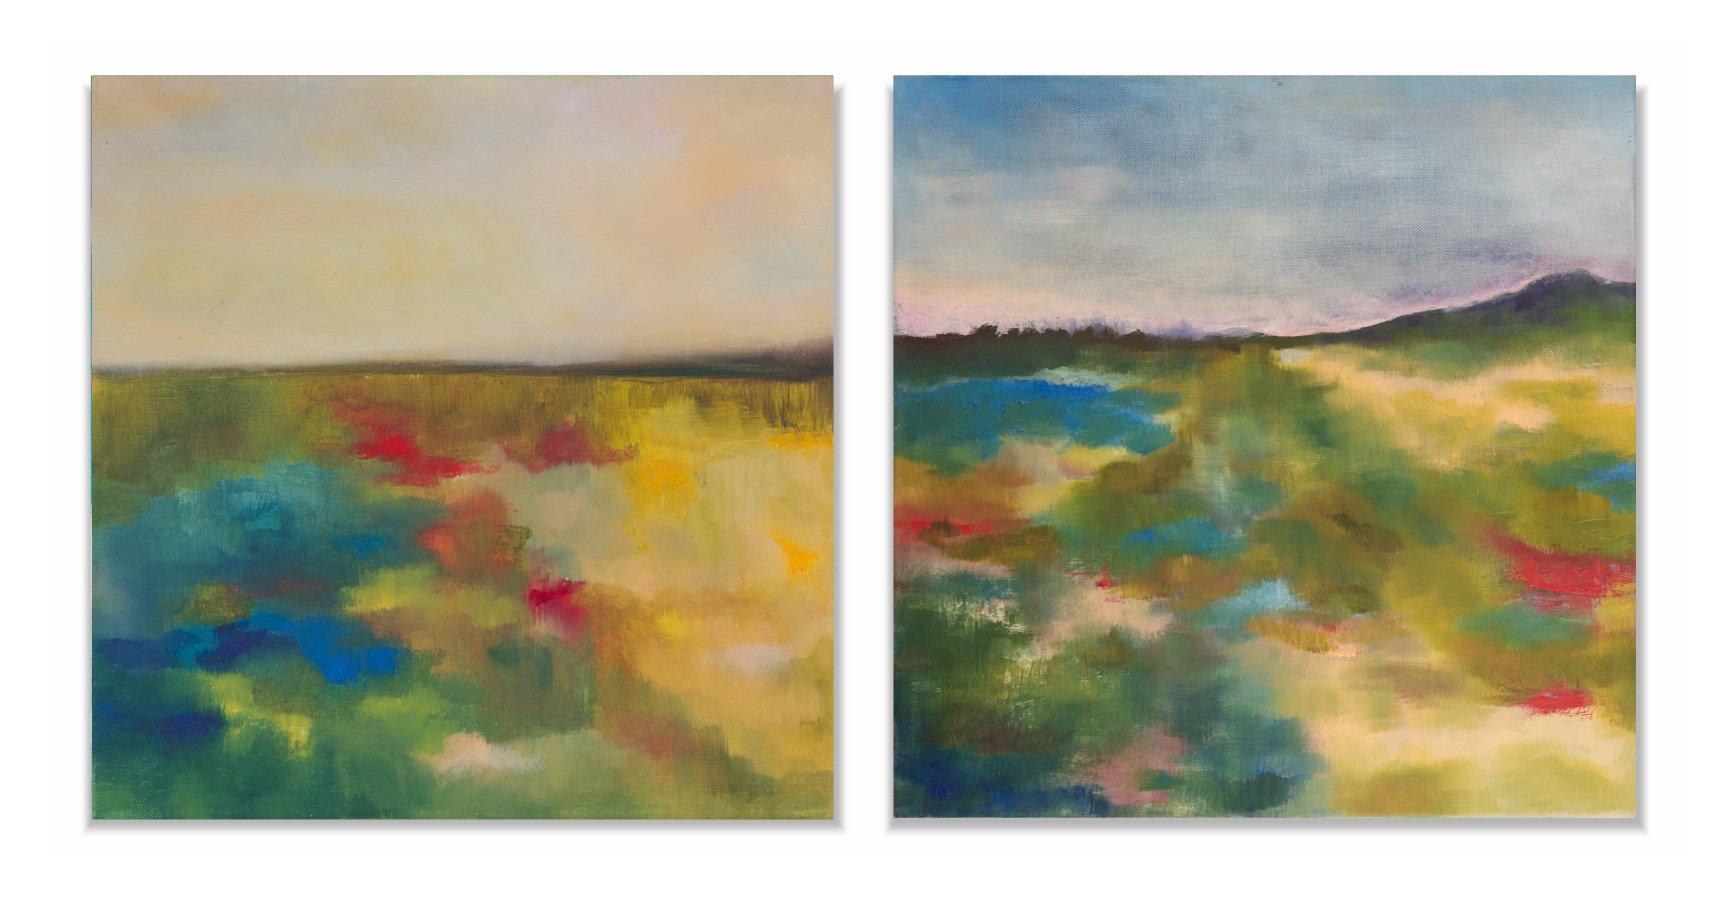 Krajobraz - dyptyk olej na płótnie Inga Linder